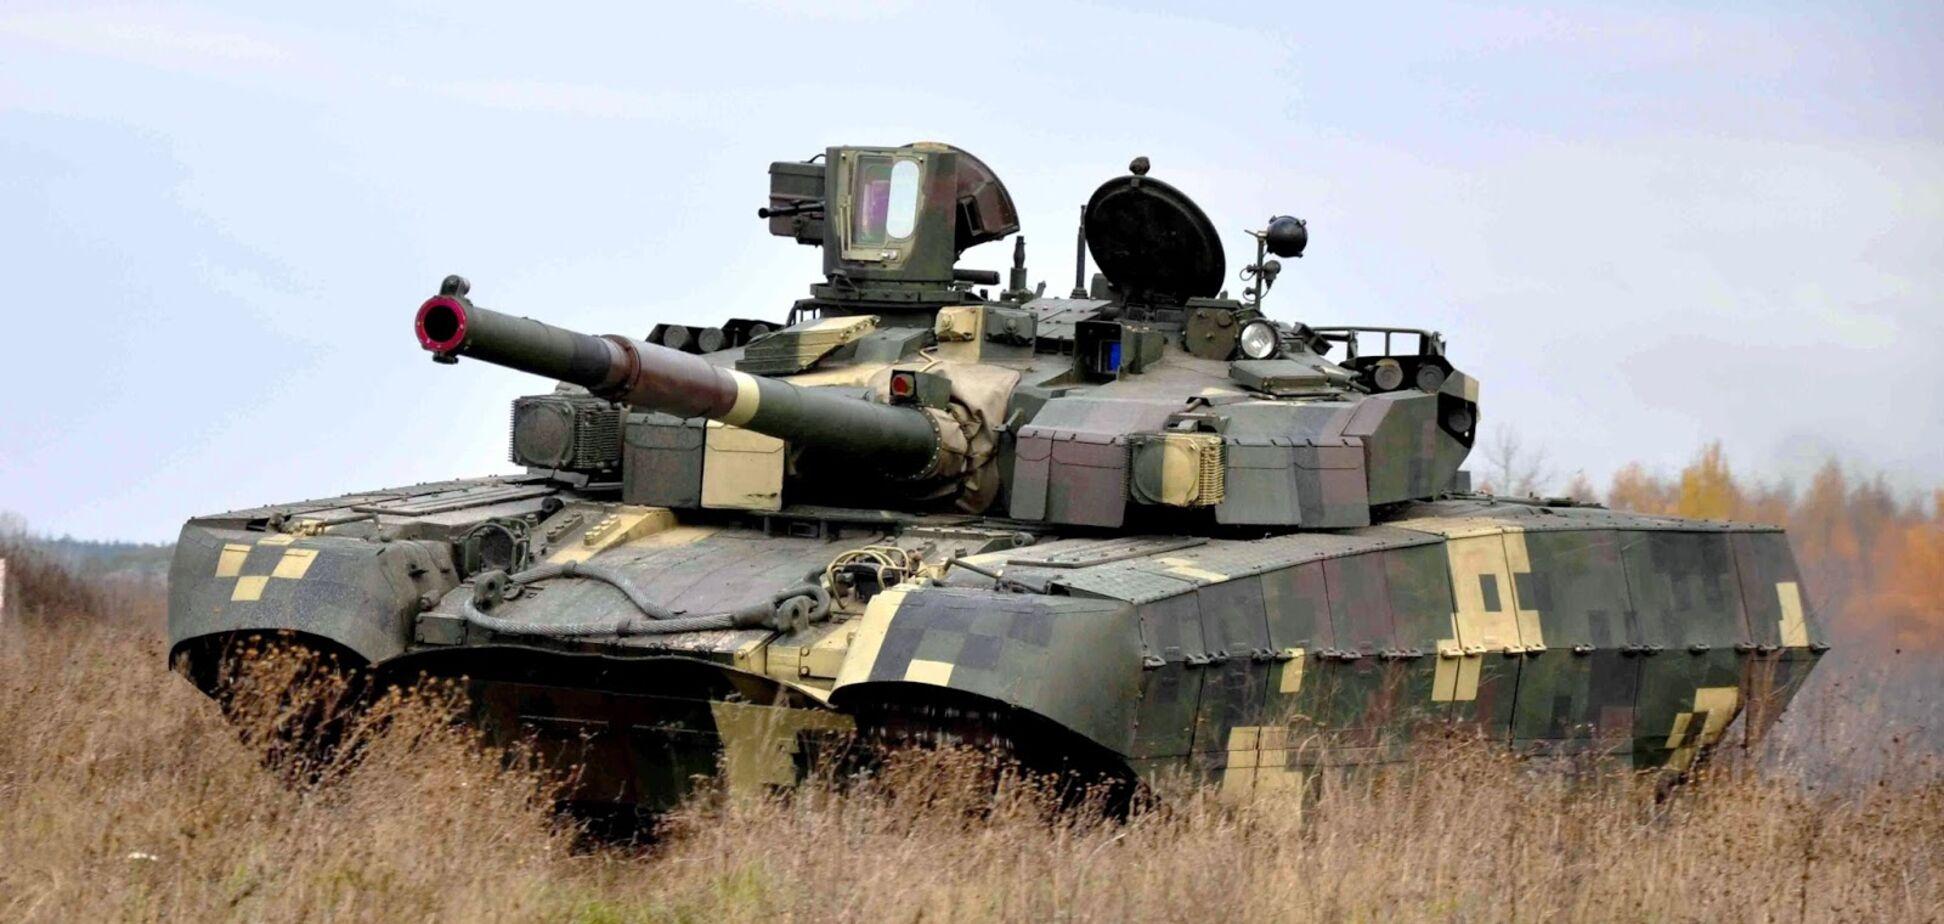 Украина поставляет военные технологии США - генерал